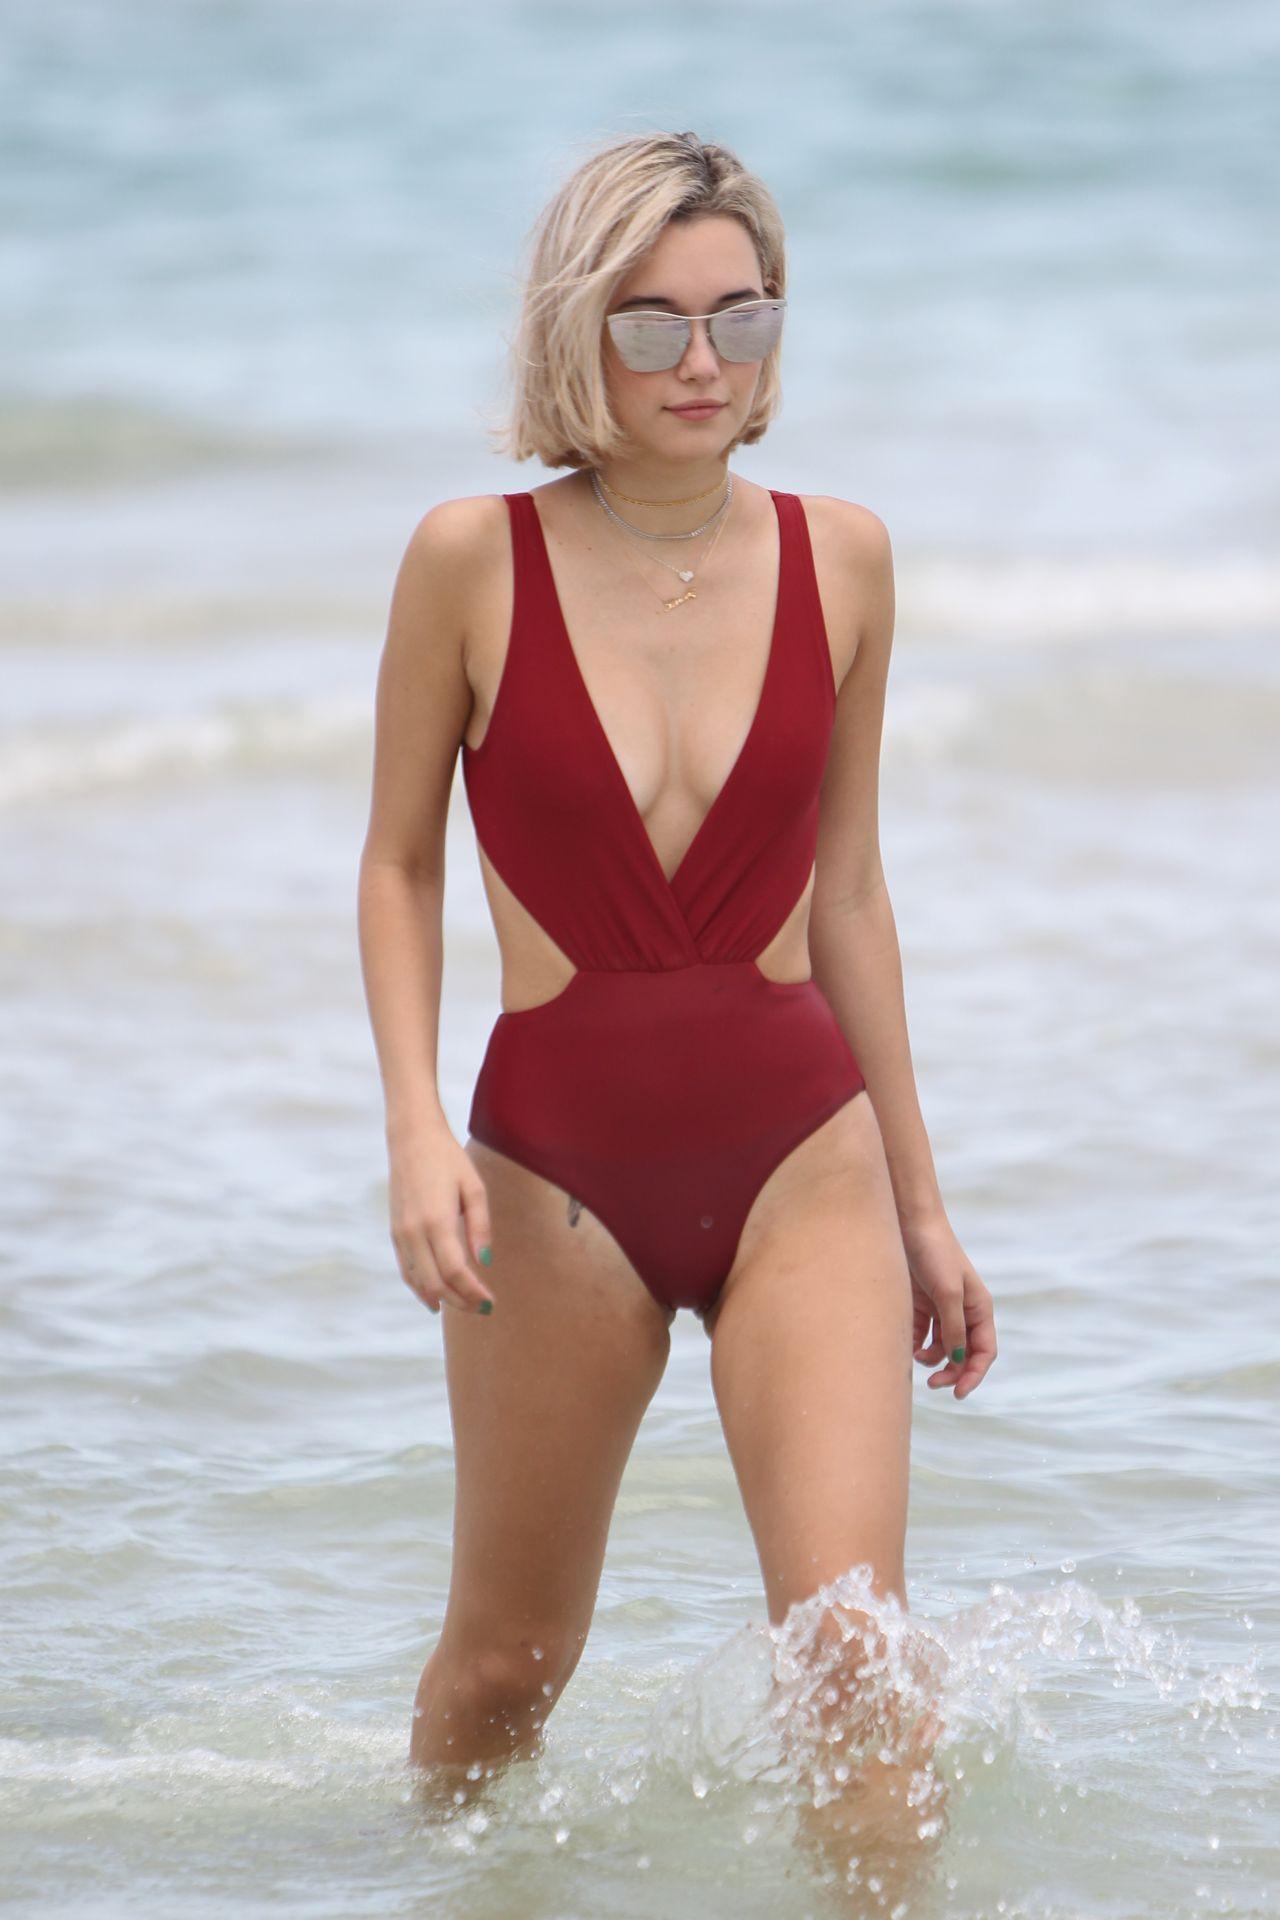 Bikini Sarah Snyder nude photos 2019